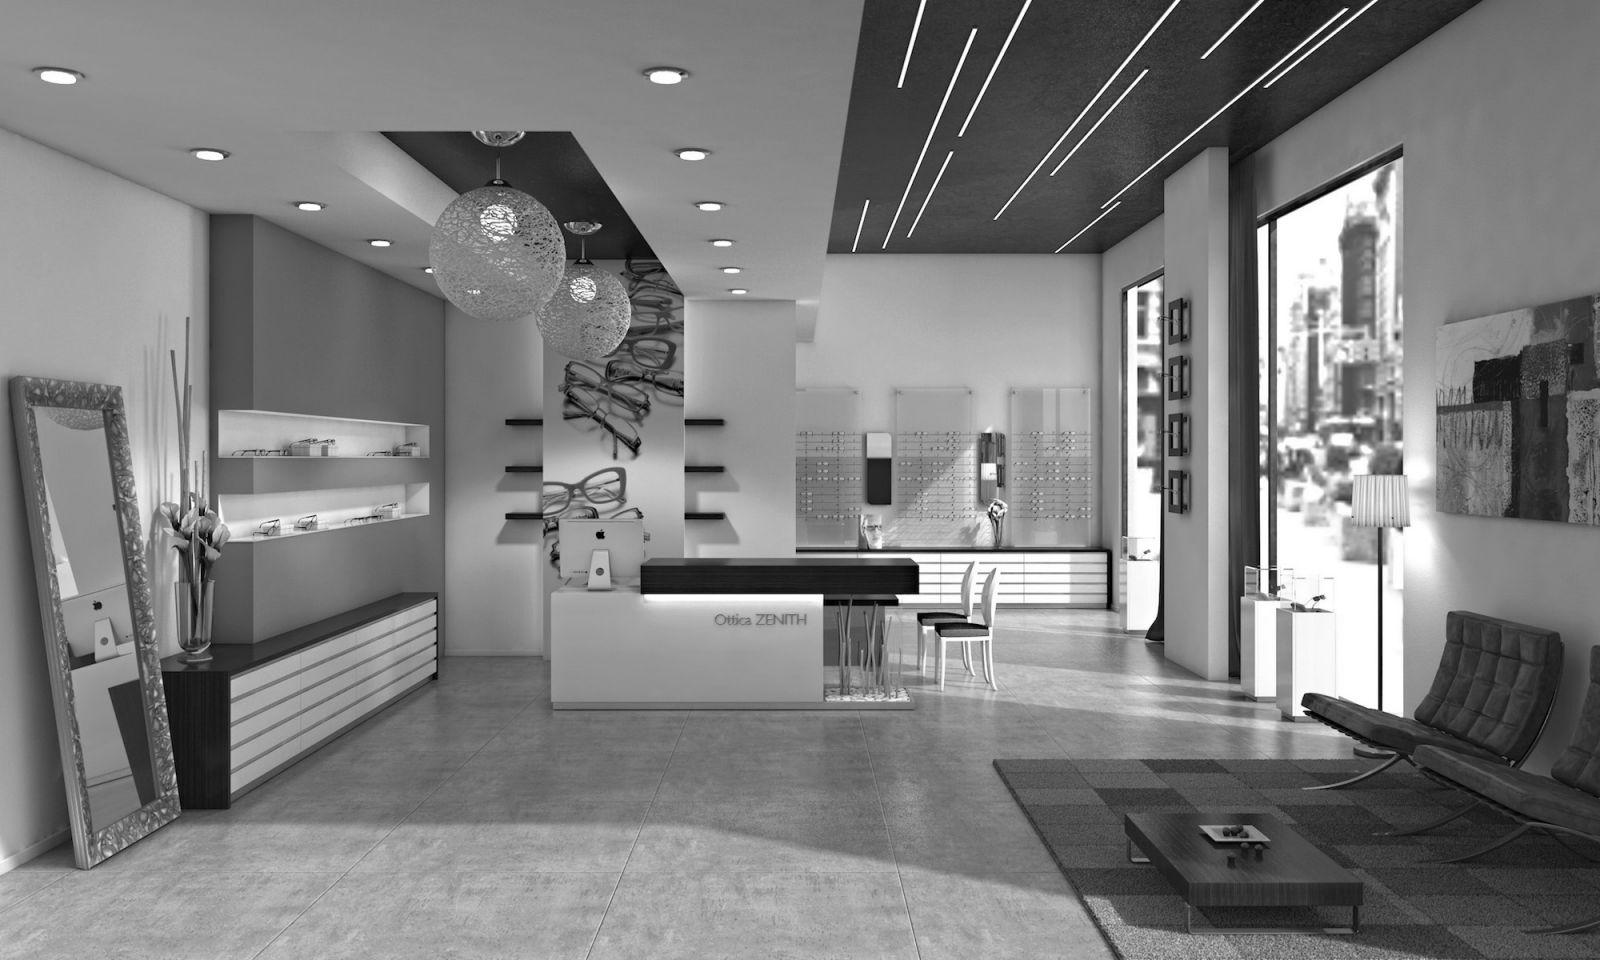 Progettazione e arredamento di design per ottici e for Progettazione di mobili online